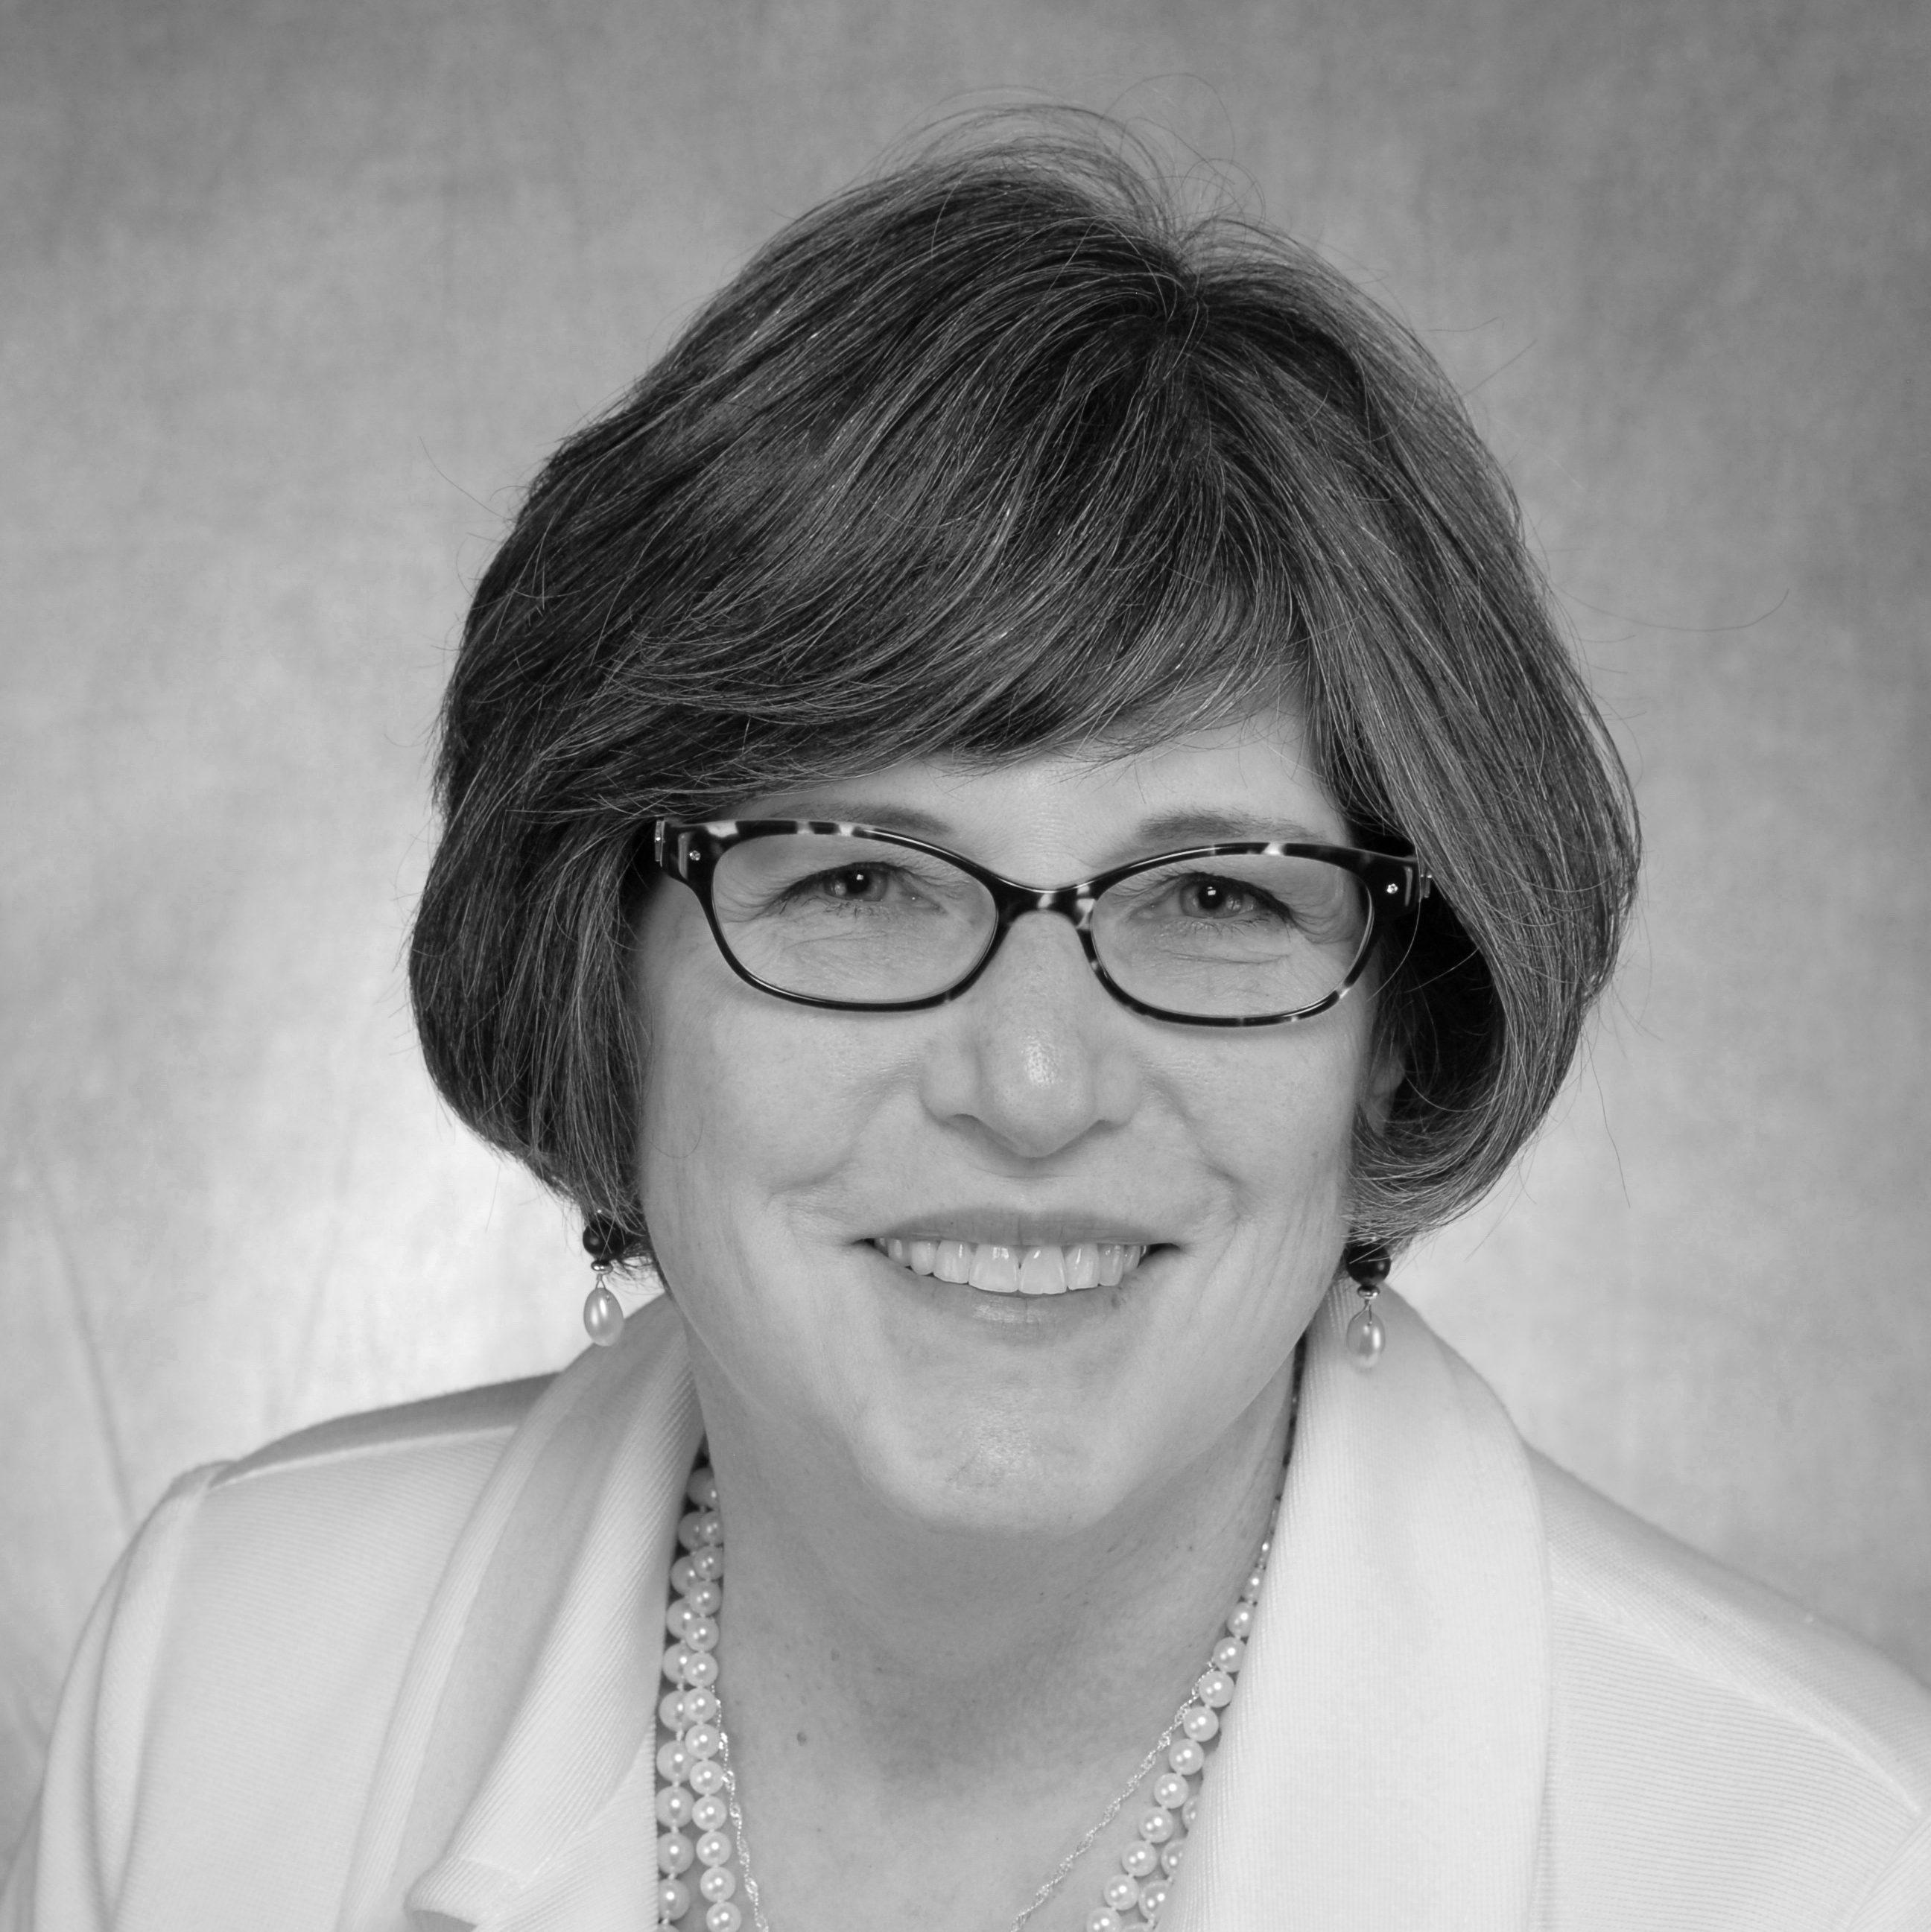 Leah J. Slavensky